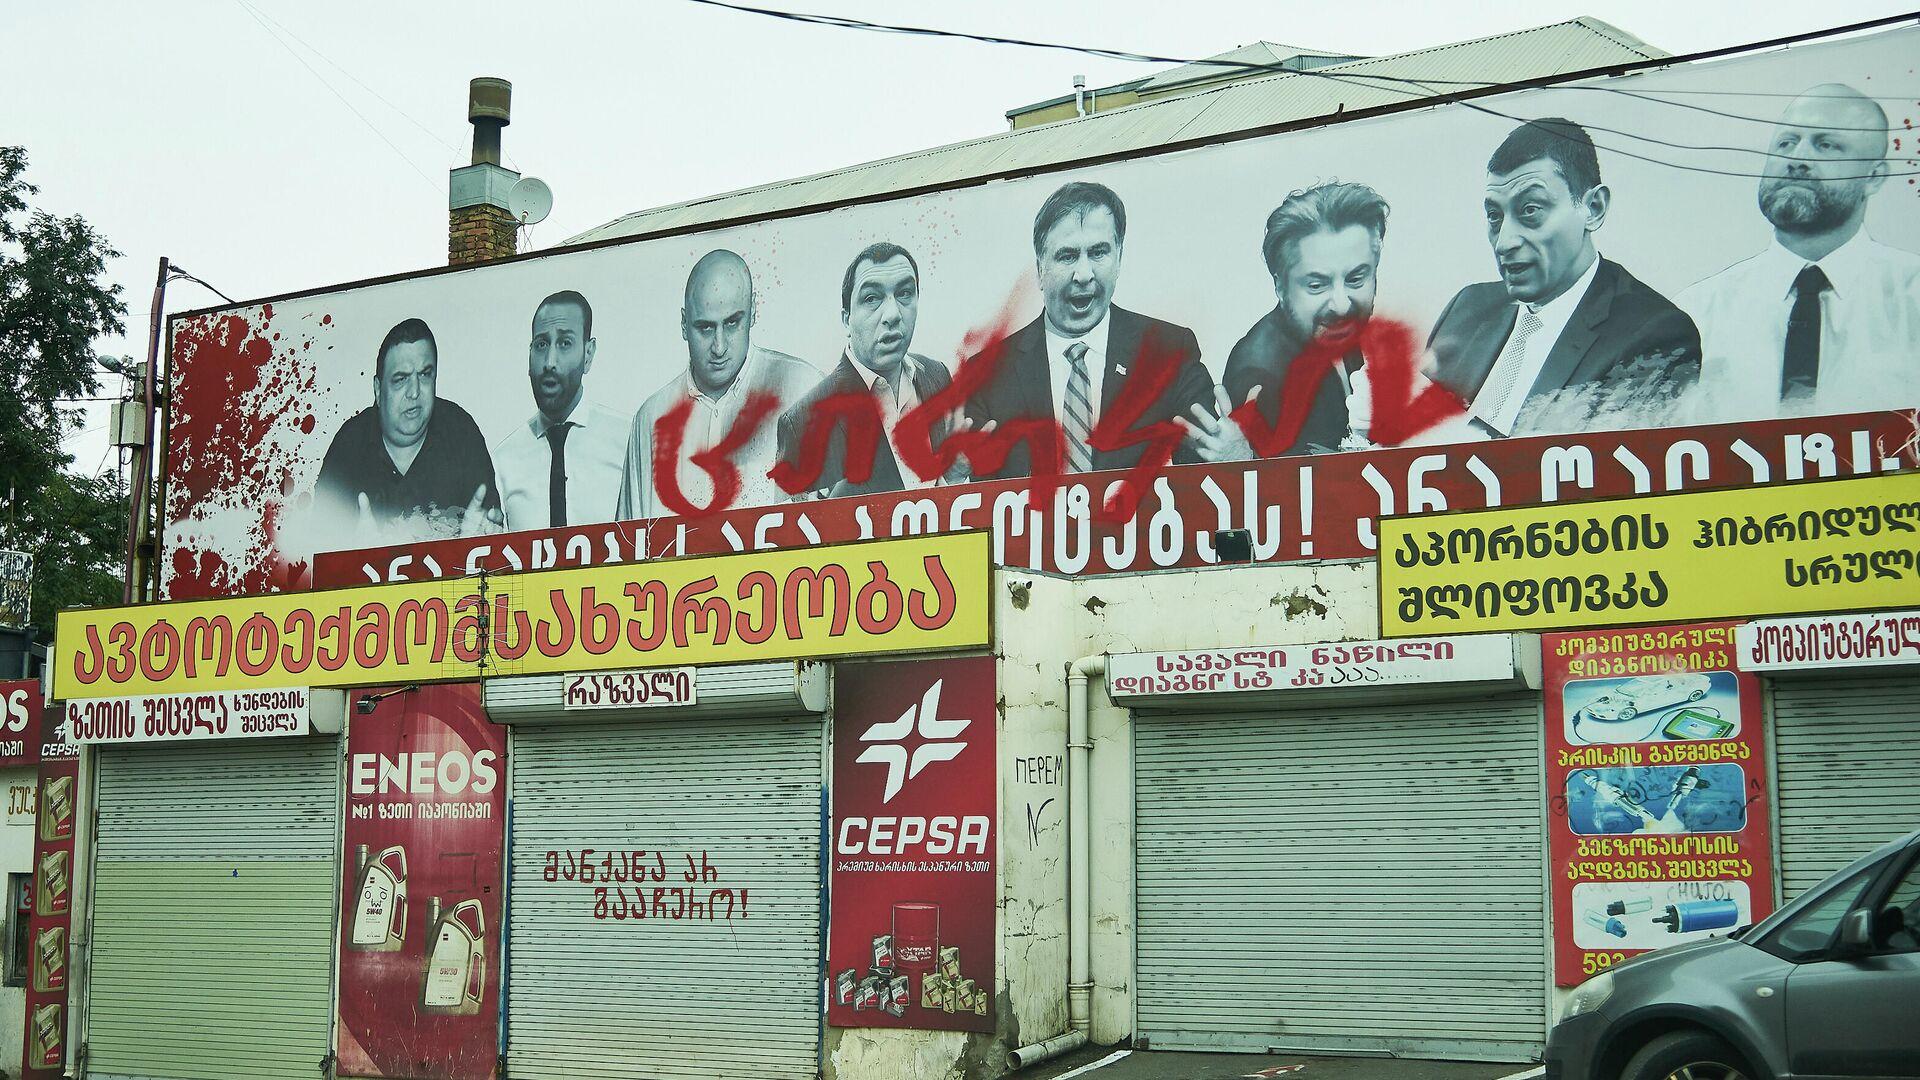 Предвыборная реклама - Кровавый баннер у моста Вахушти с изображением Саакашвили и других политиков - Sputnik Грузия, 1920, 07.10.2021